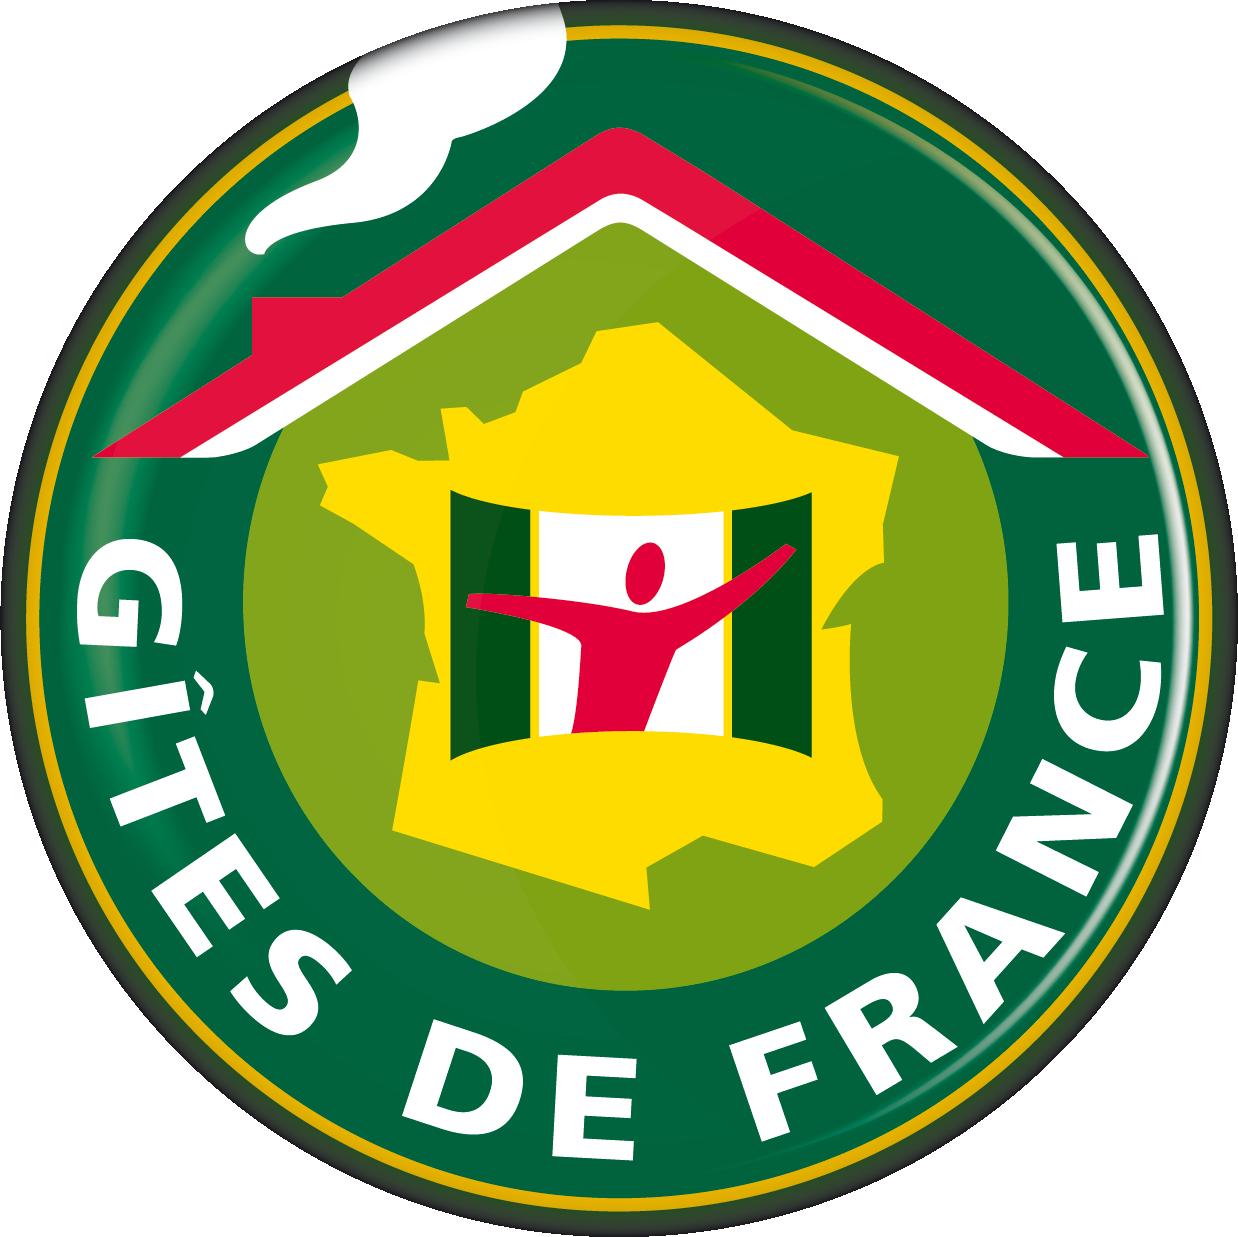 Congrès National des Gîtes de France